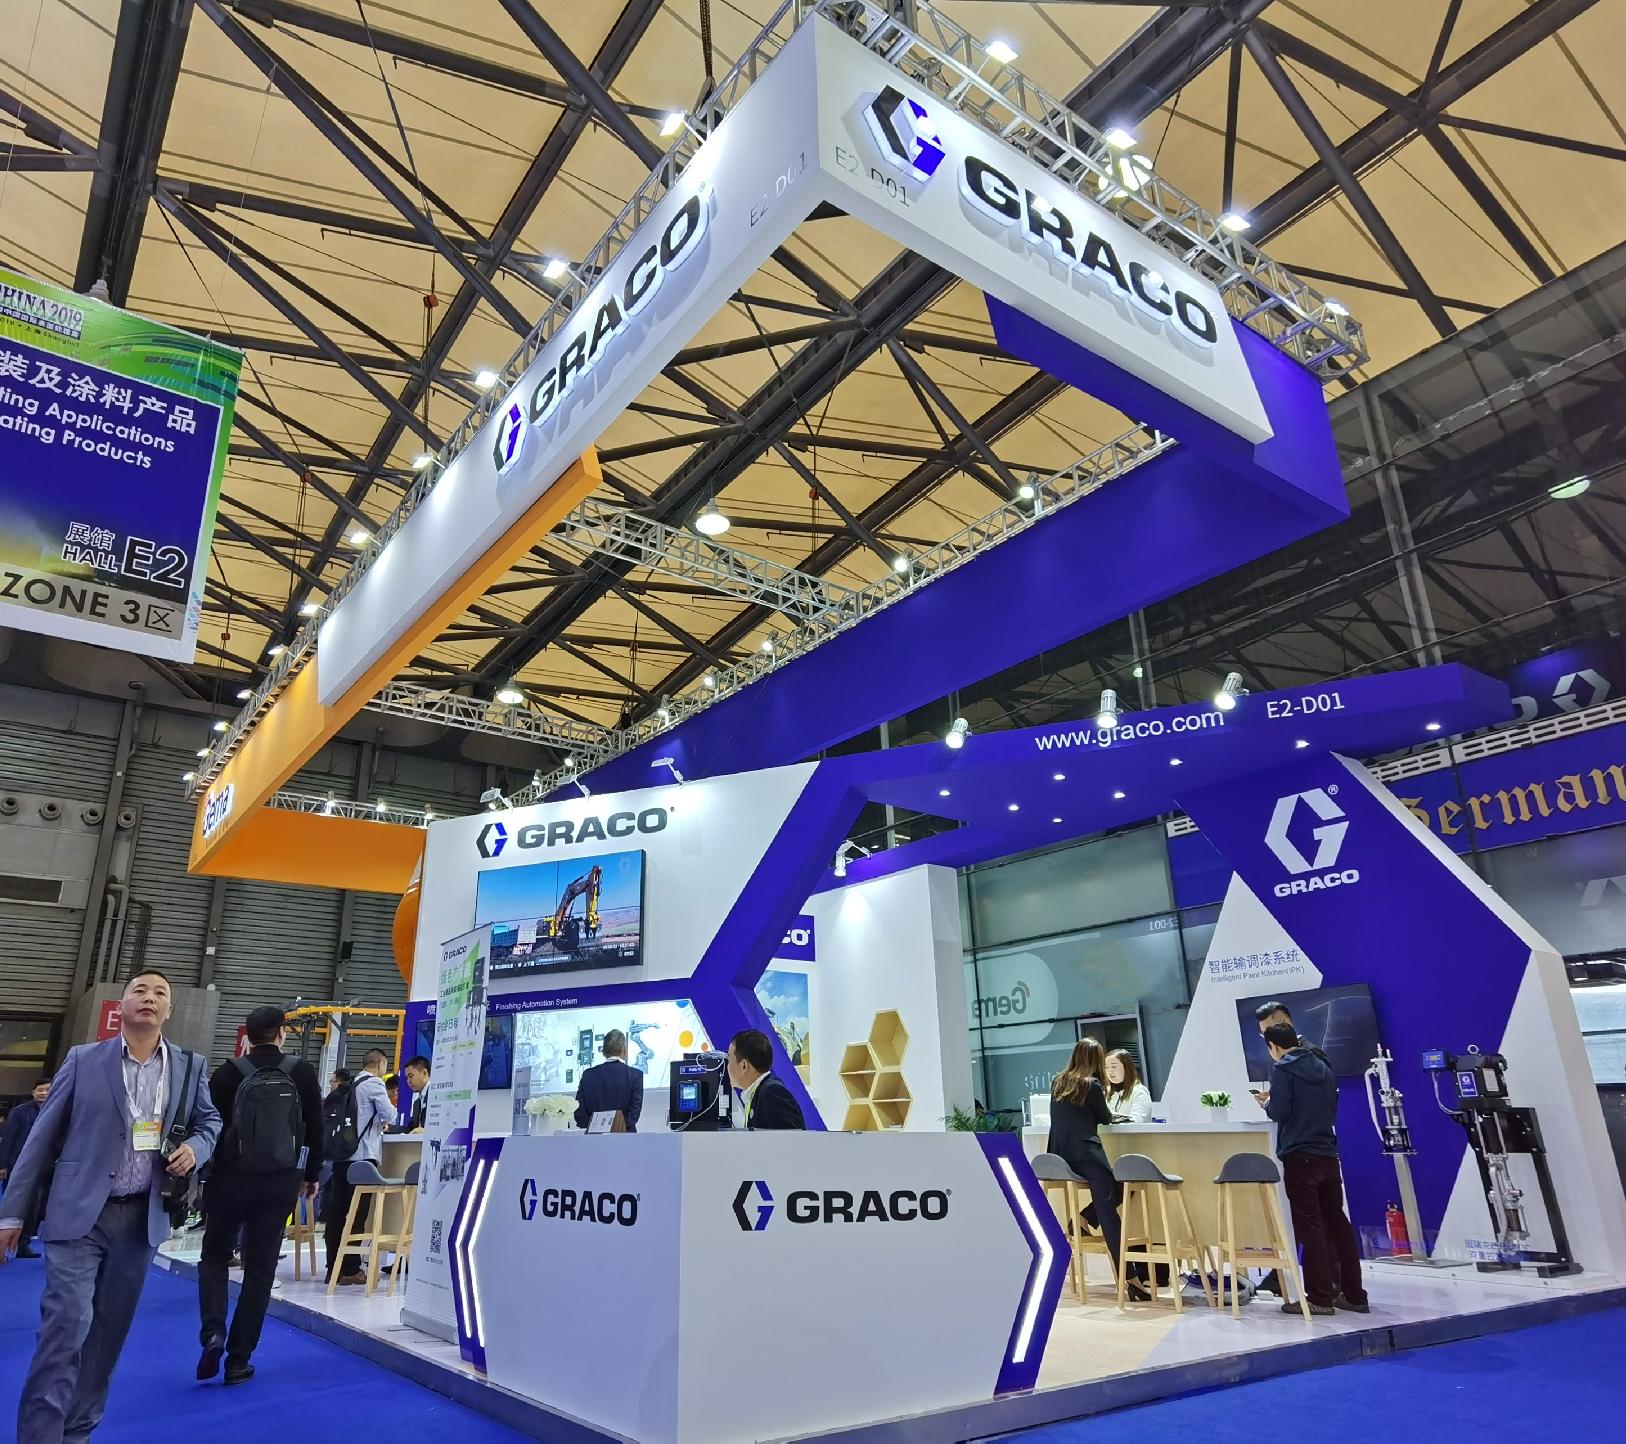 固瑞克攜領先工業涂裝產品亮相第三十二屆中國國際表面處理展